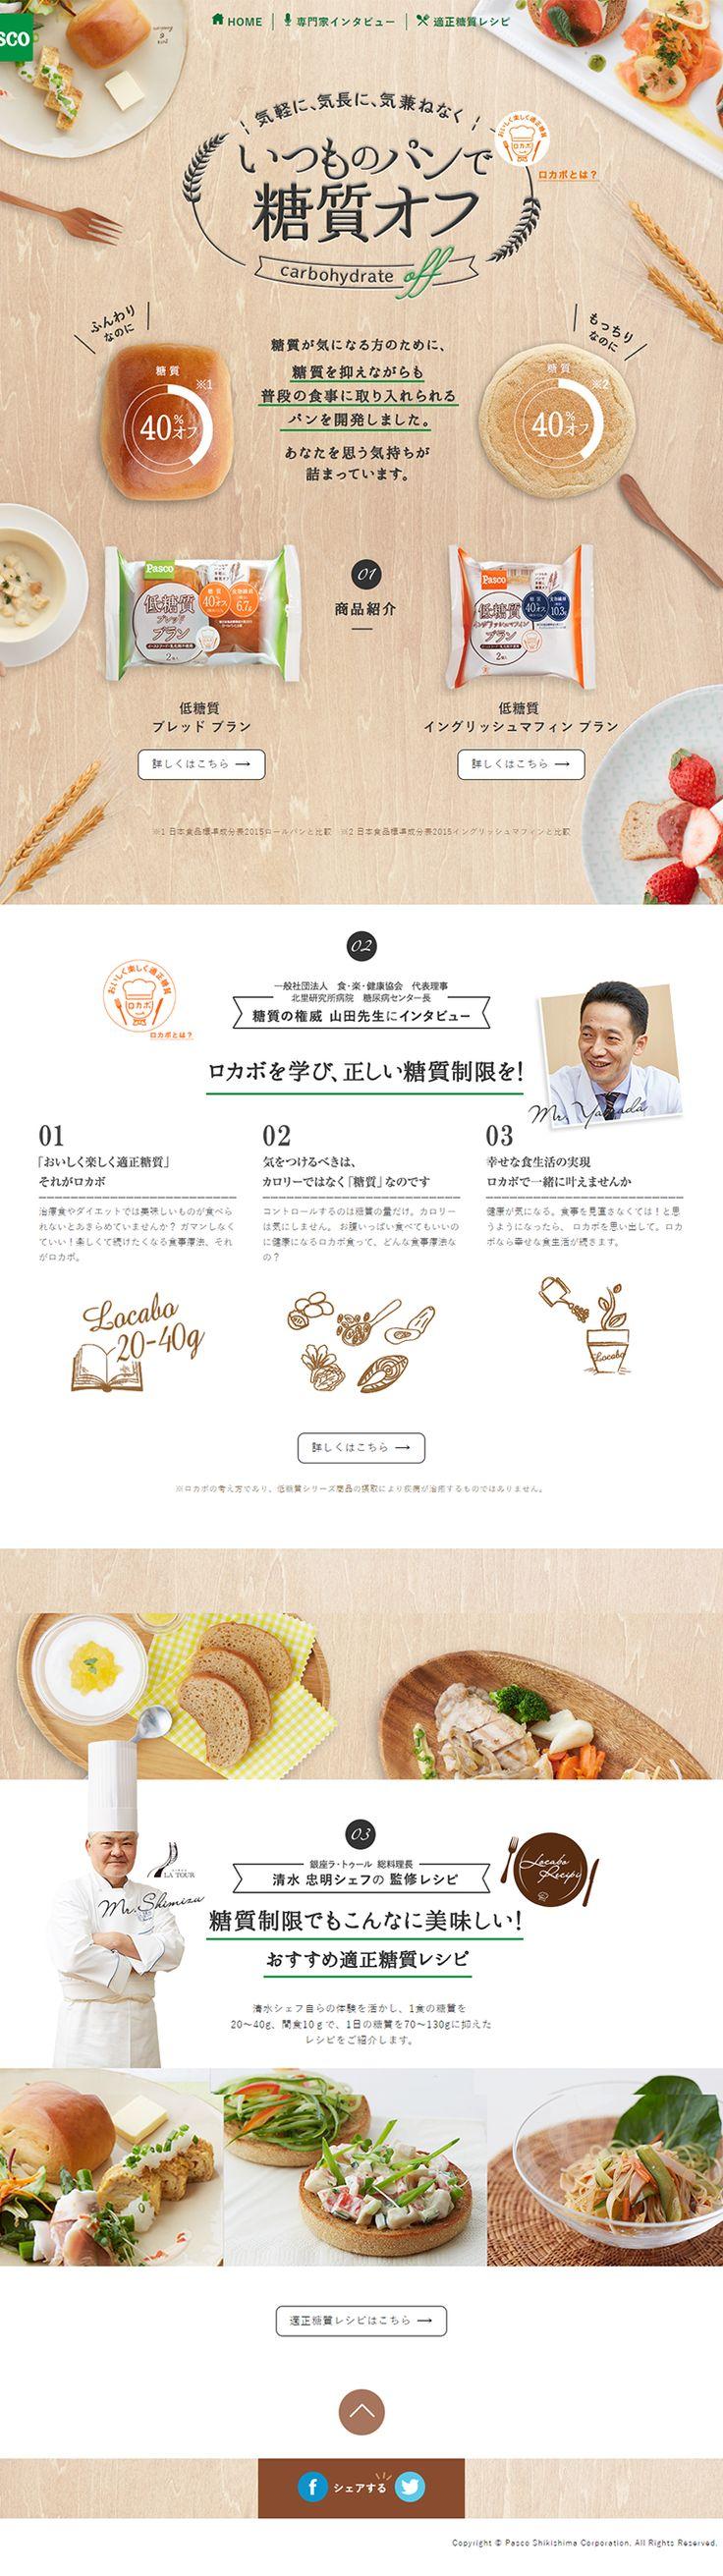 いつものパンで糖質オフ WEBデザイナーさん必見!ランディングページのデザイン参考に(清潔系)